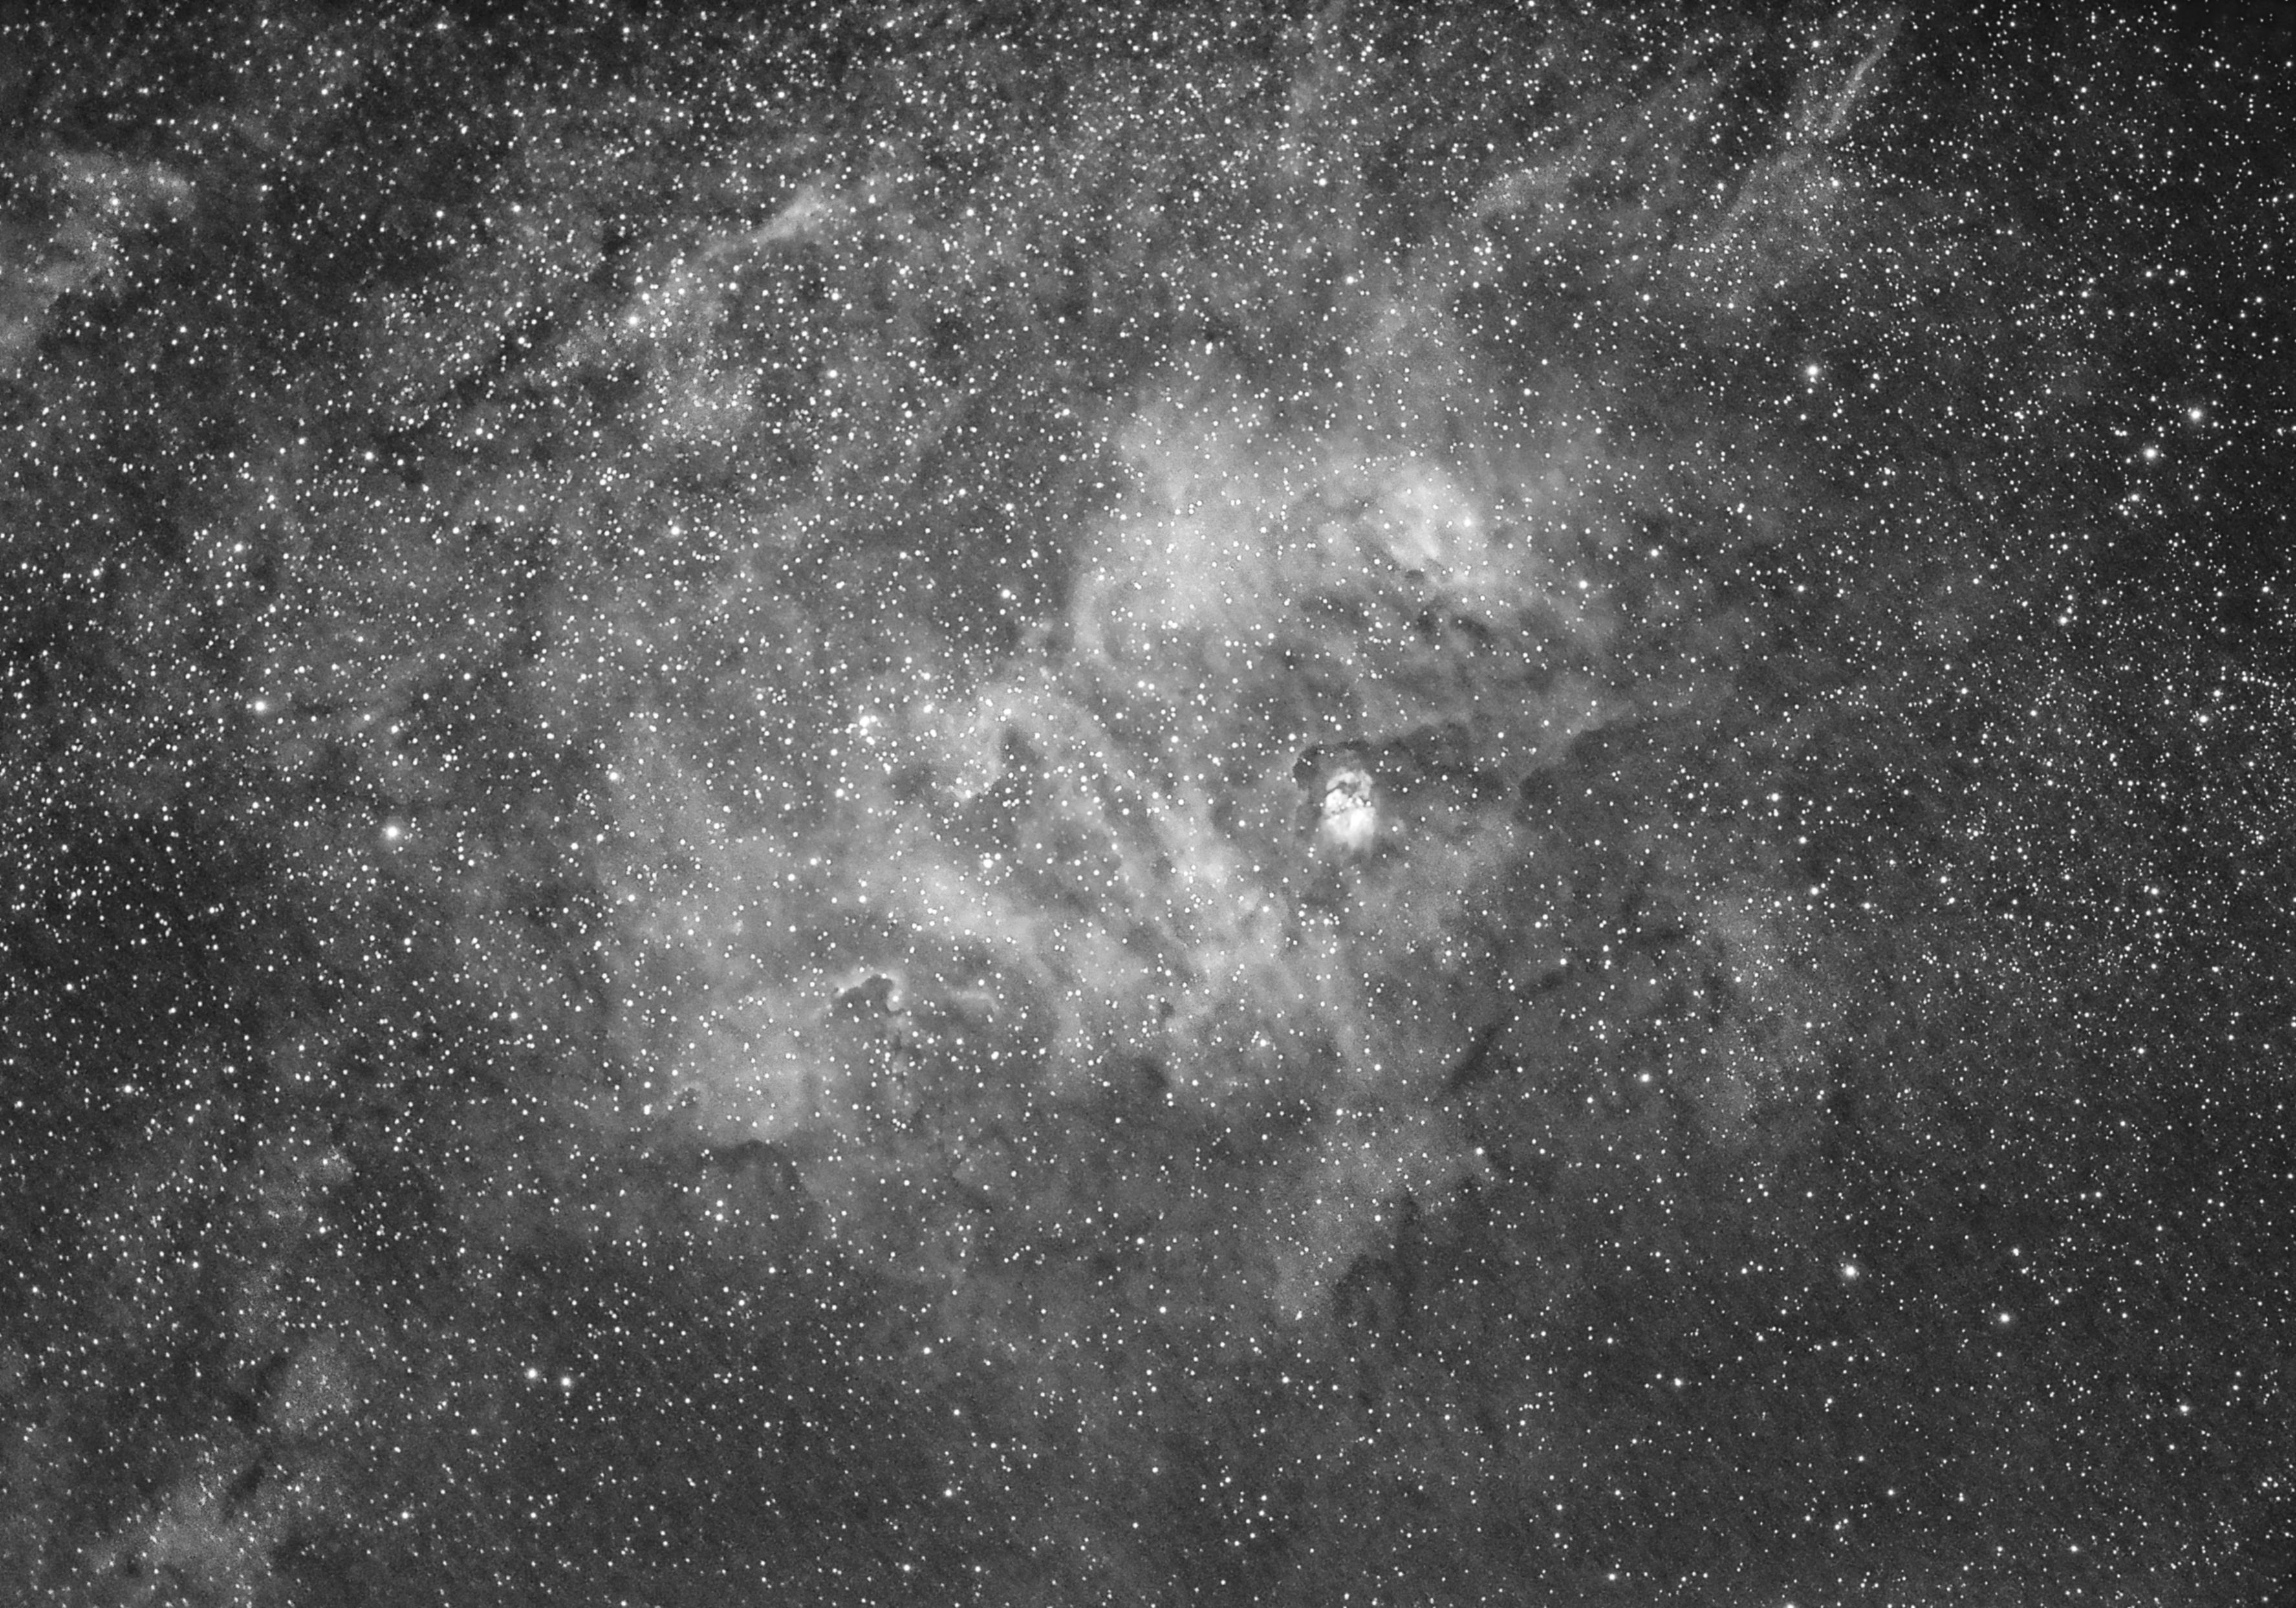 Serpent-Sh2-54 NGC 6604 Ha V2